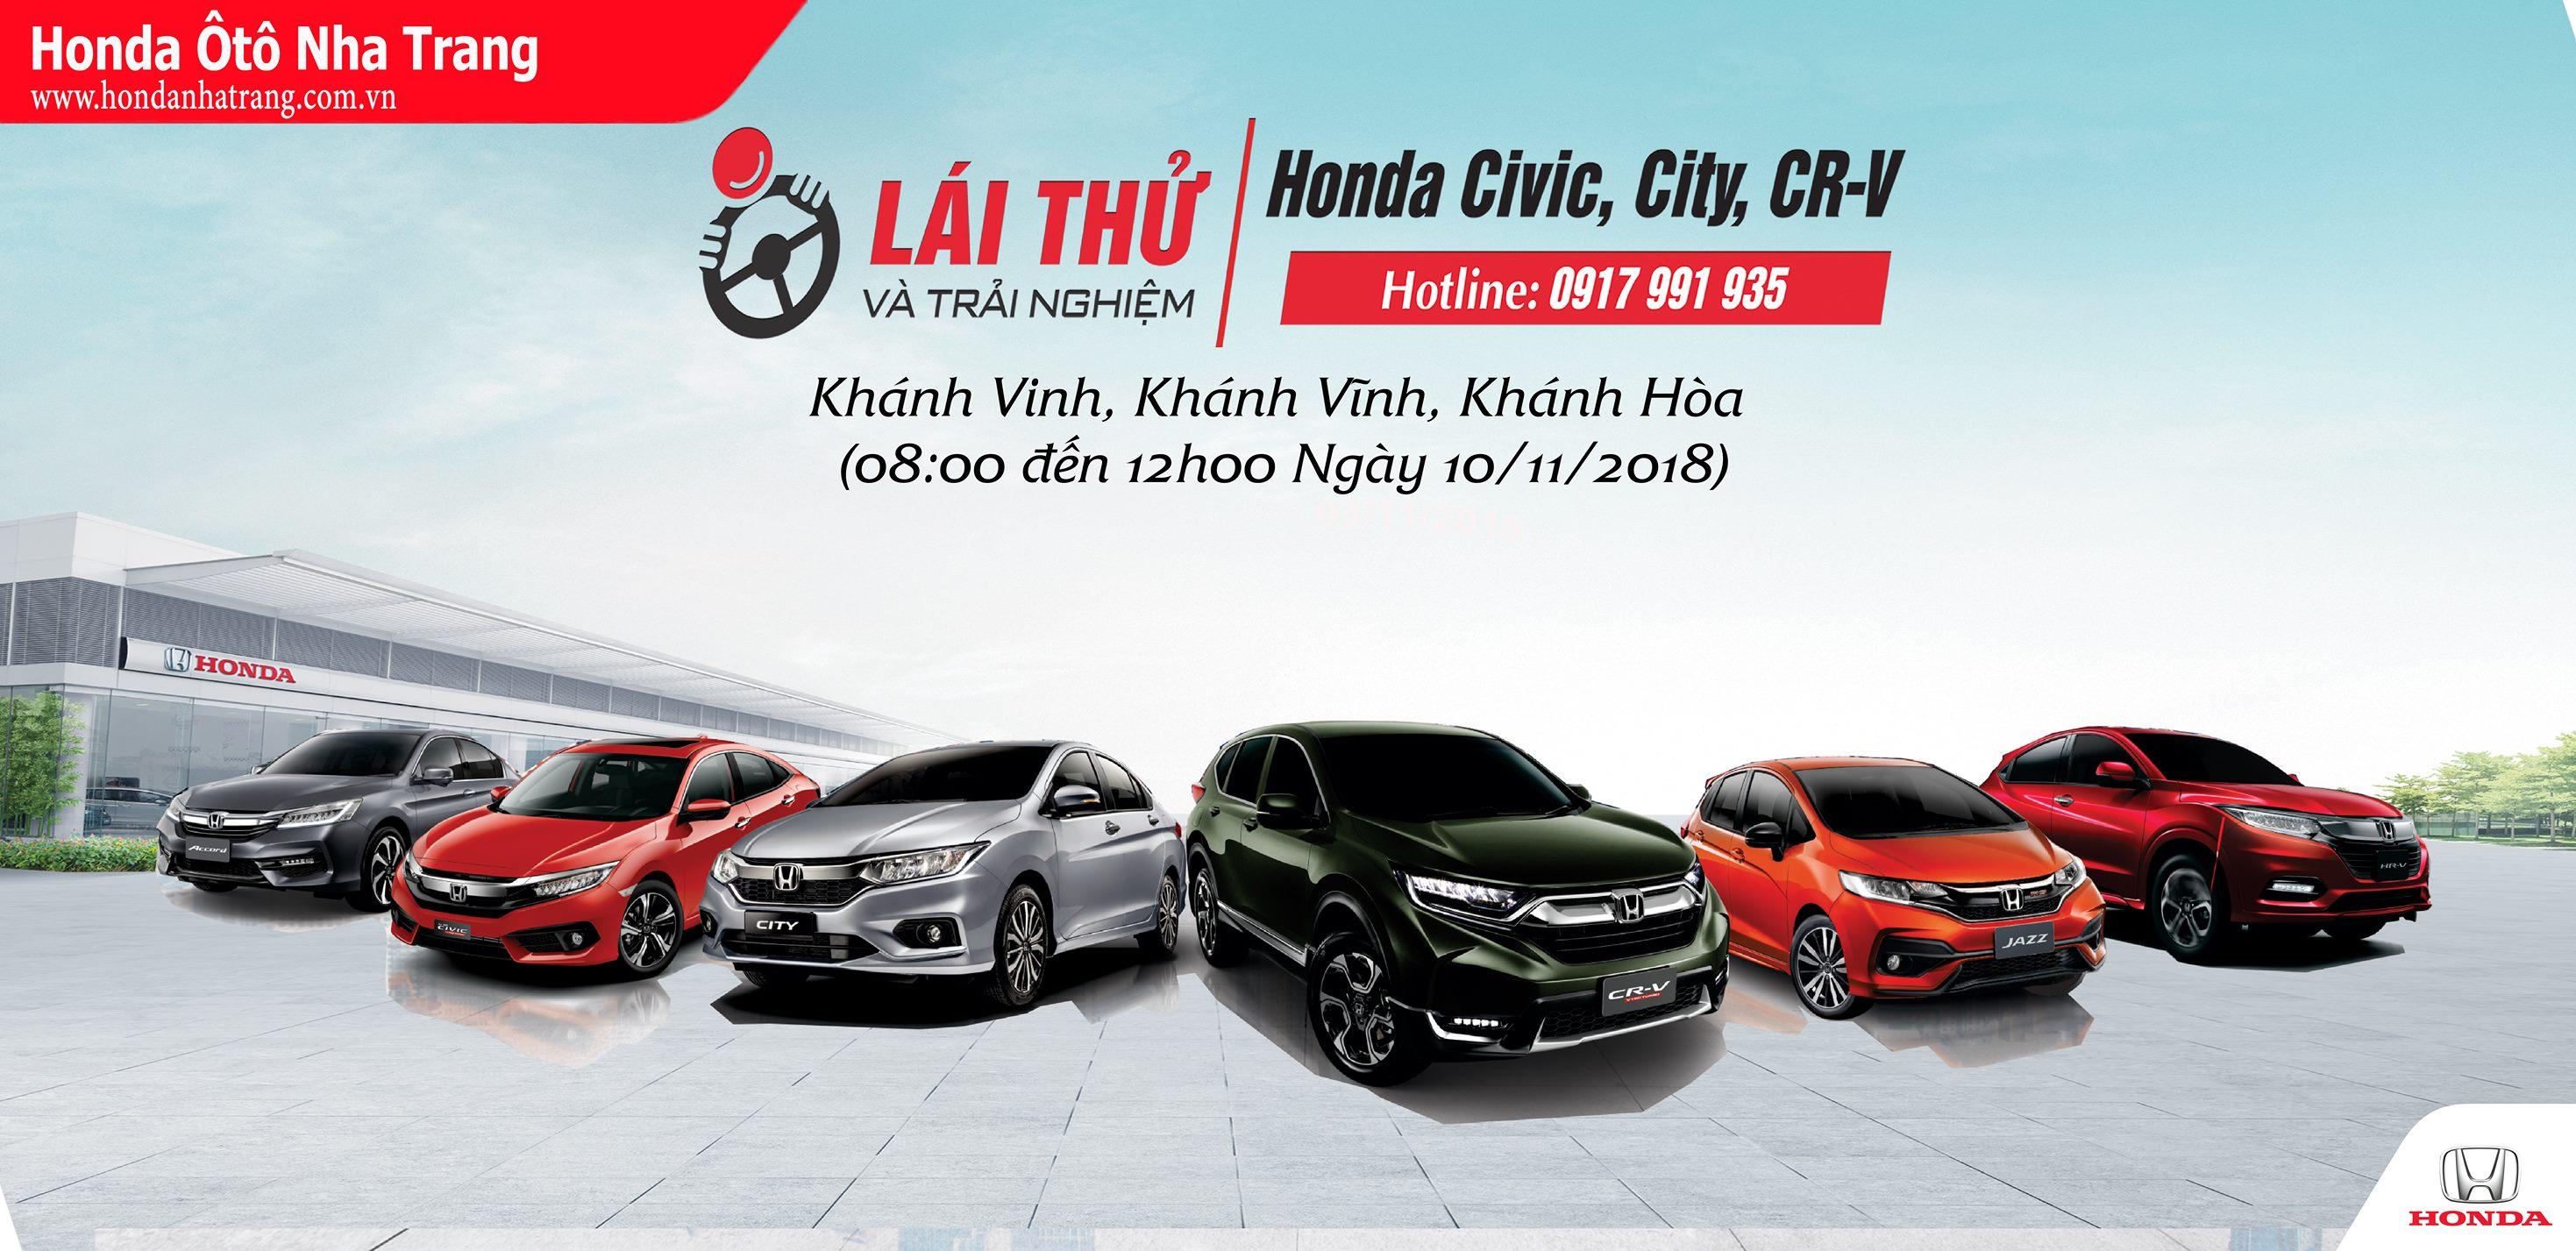 Trải nghiệm & Lái thử Honda Ôtô của Honda Ôtô Nha Trang tại Khánh Vĩnh, Khánh Hòa